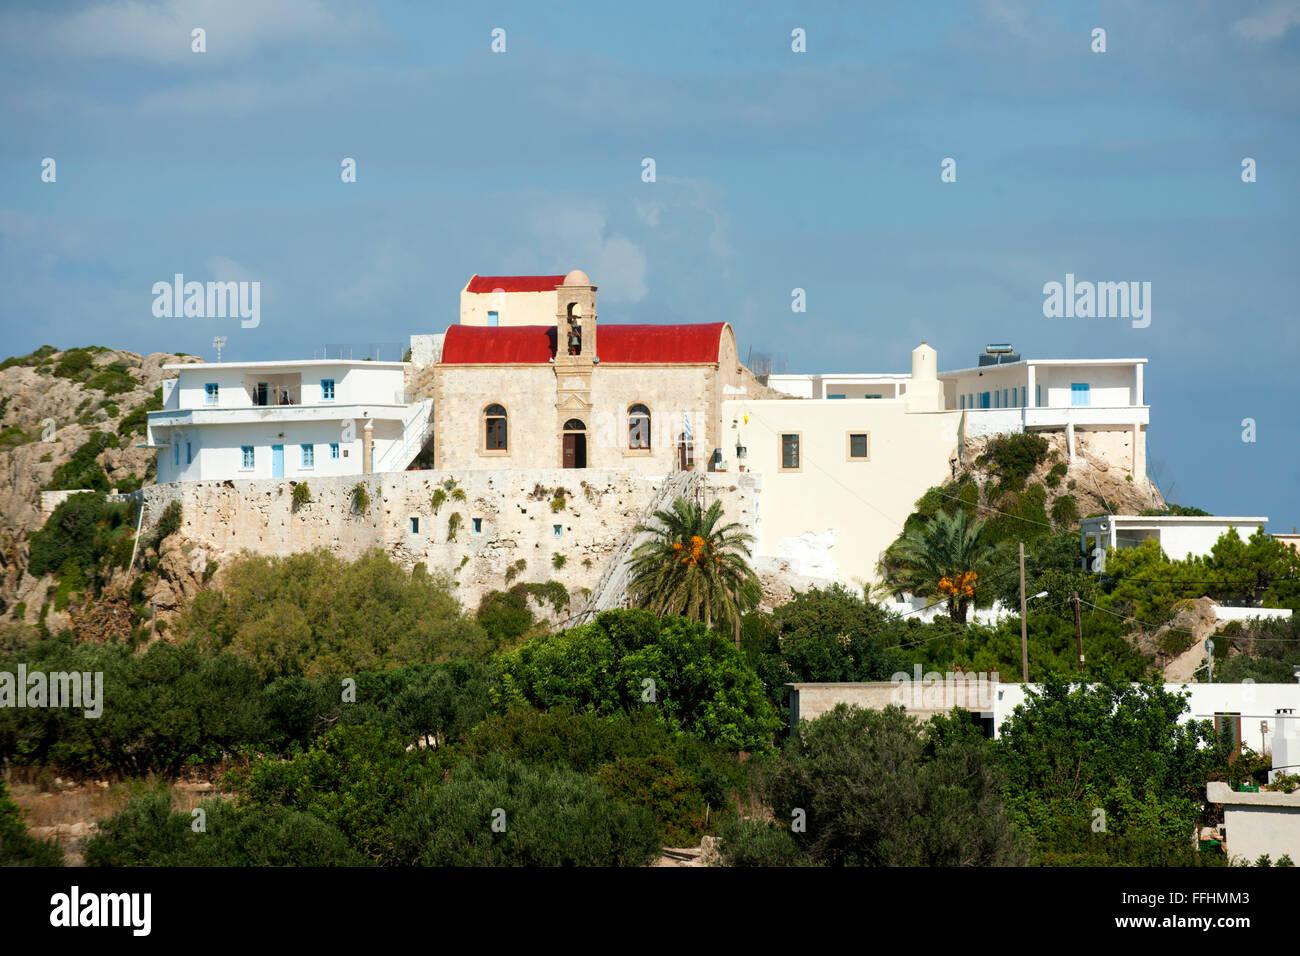 Griechenland, Kreta, Westküste, Kloster Hrissoskalitissa nördlich von Elafonissi. Die Legende sagt, dass - Stock Image